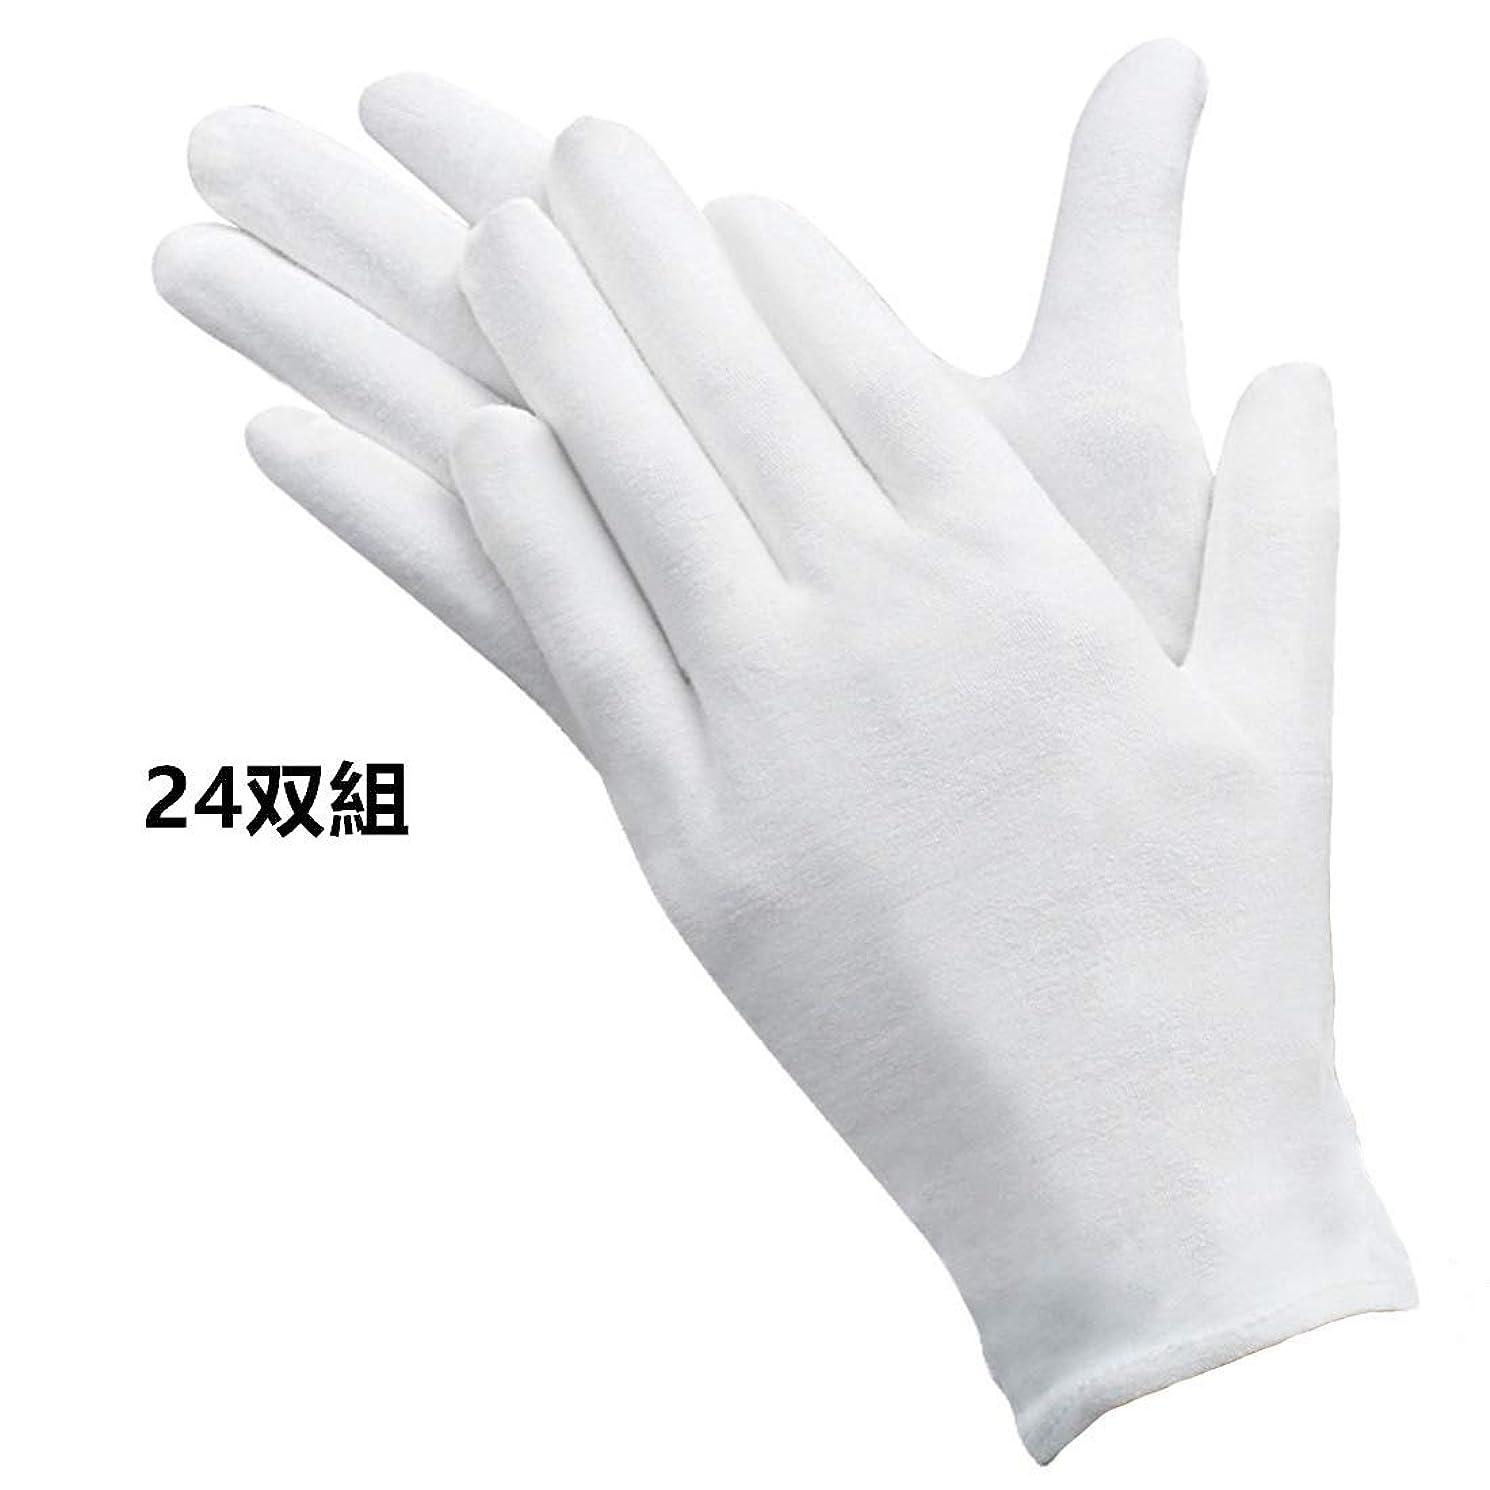 闘争他の場所間欠winkong 綿手袋 24双組入り Lサイズ 純綿100% ホワイト コットン手袋 白手袋 メンズ 手袋 レディース 手荒れ防止 おやすみ 湿疹用 乾燥肌用 保湿用 礼装用 作業用